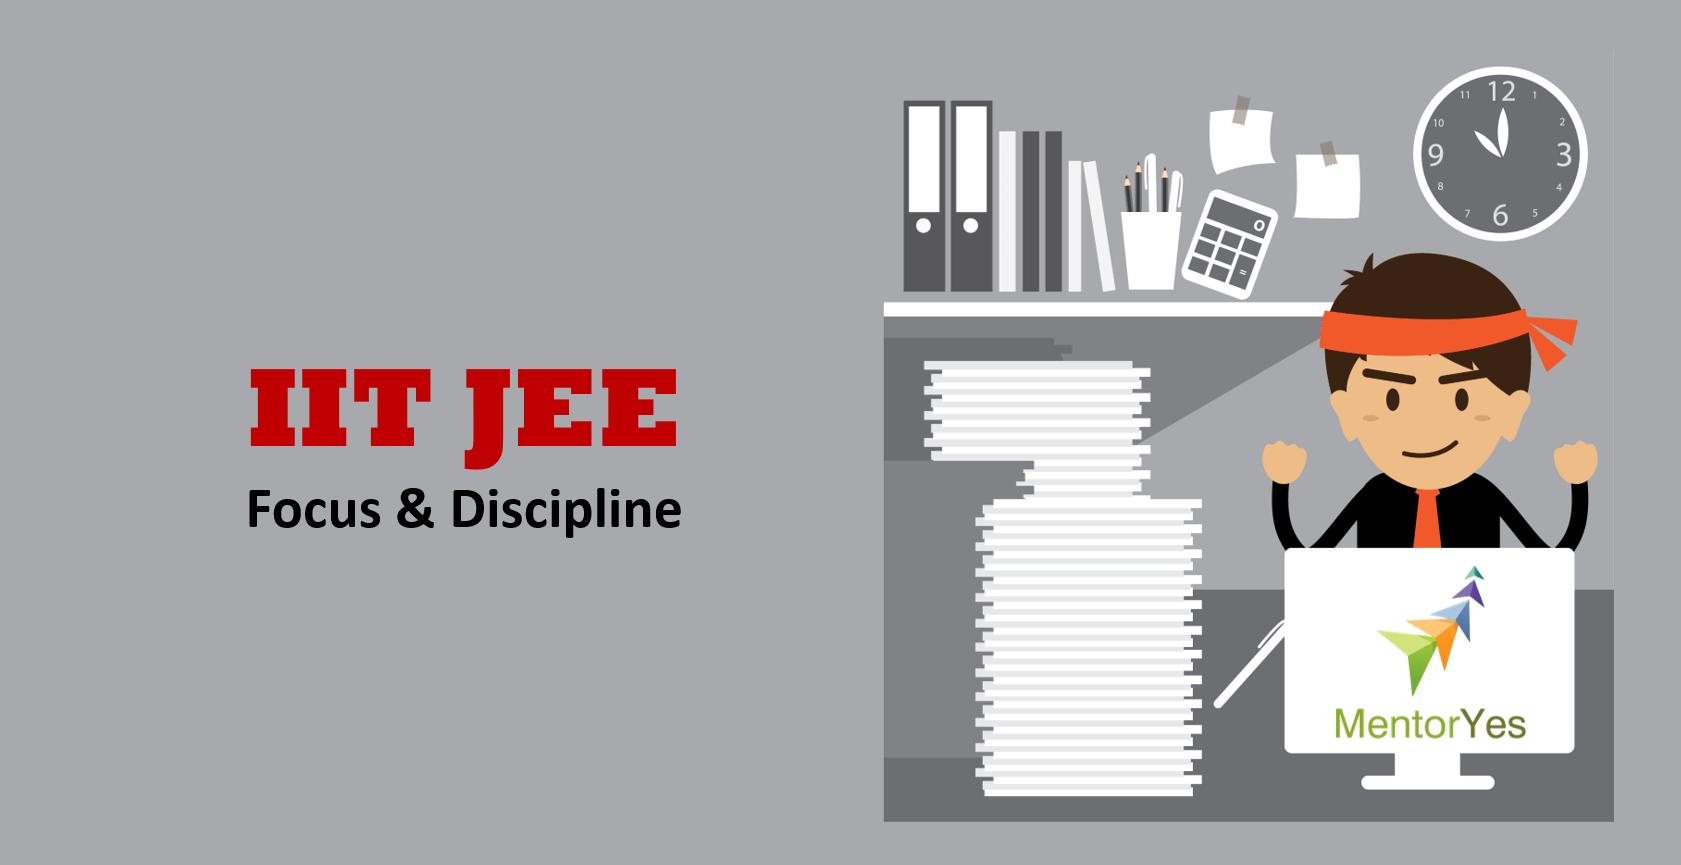 iit-jee-focus-discipline